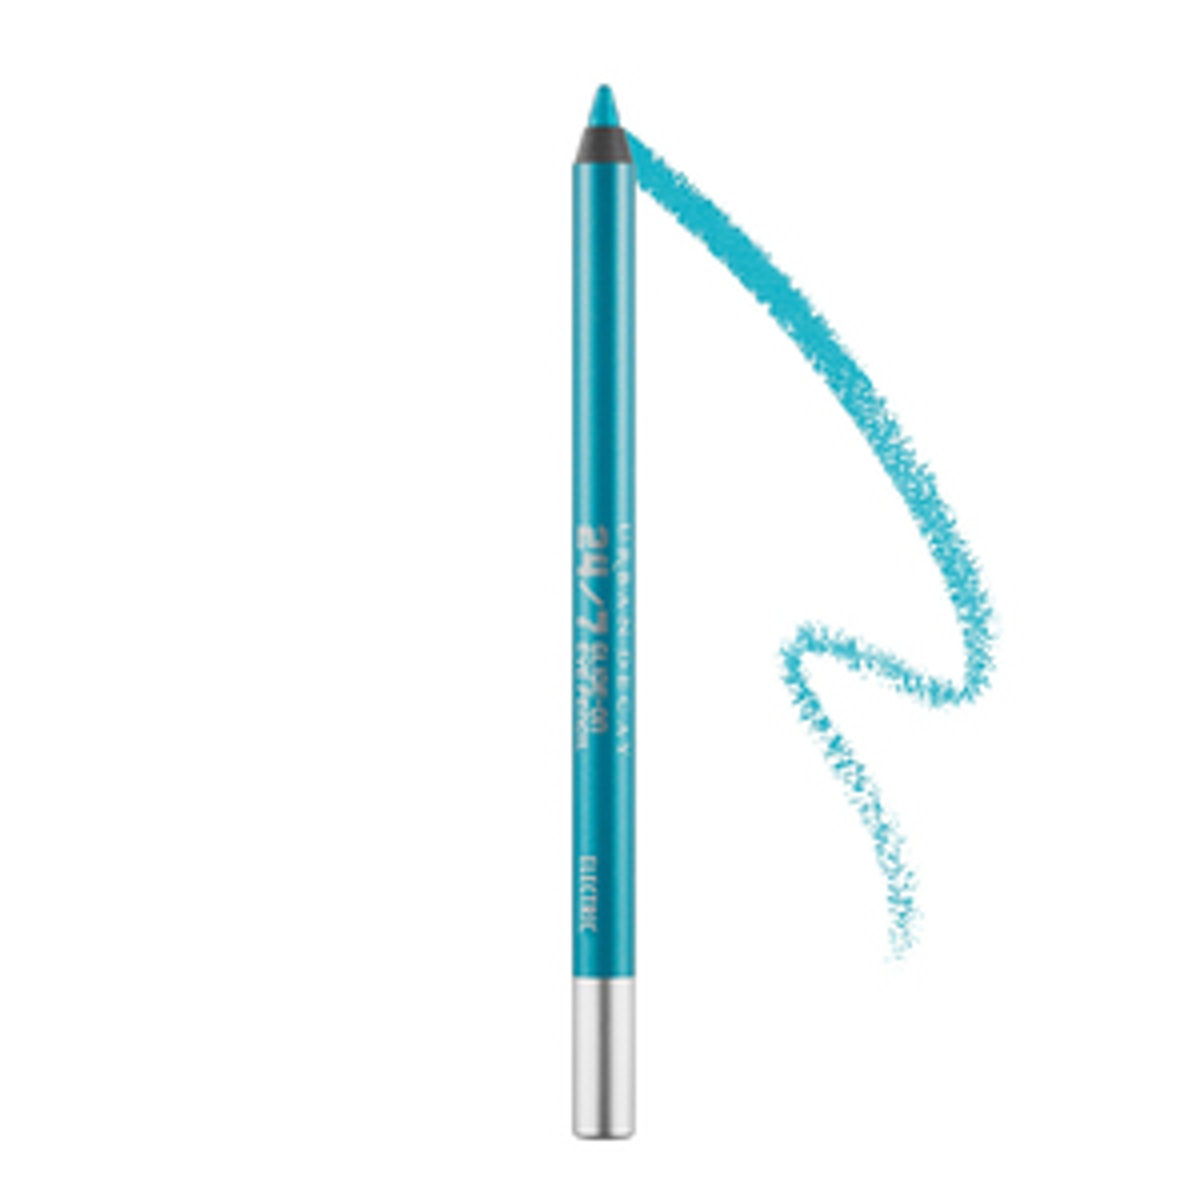 Eye Pencil in Electric